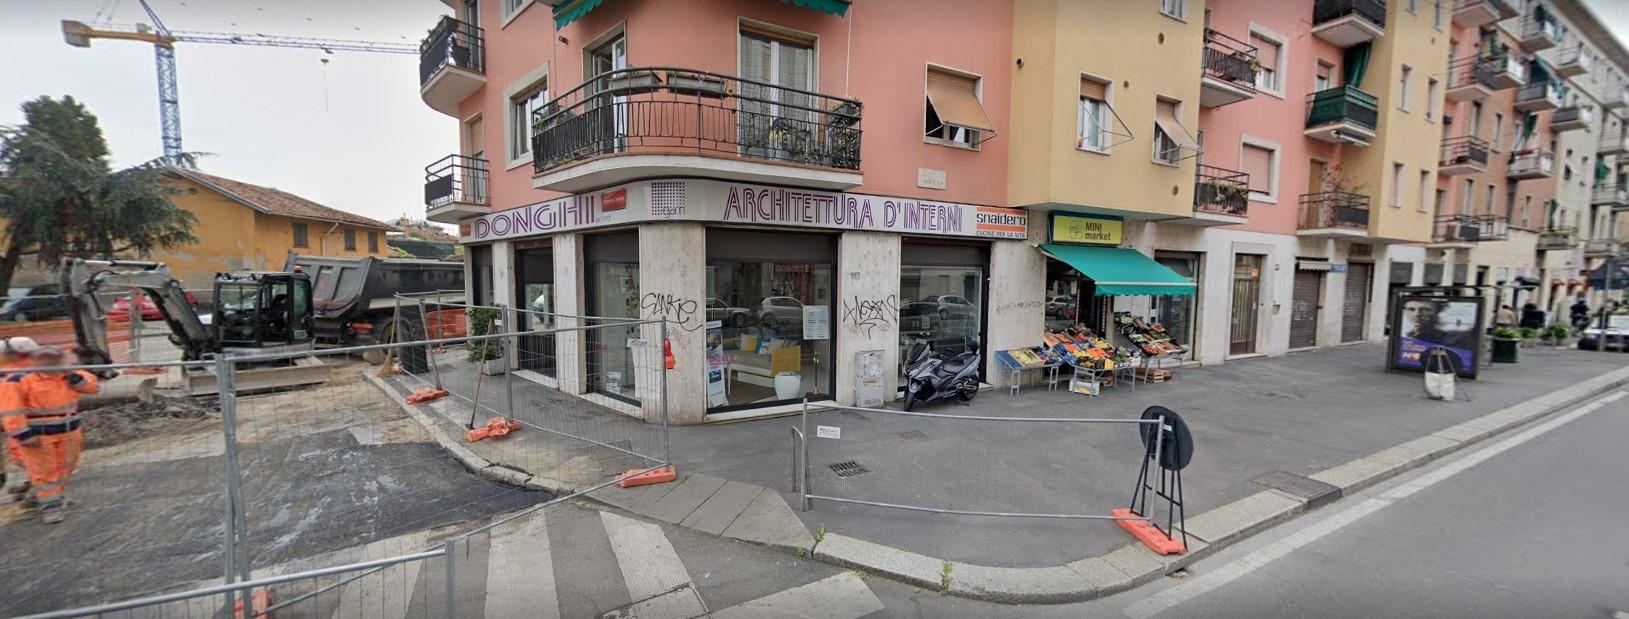 Punto vendita Scandola a Milano